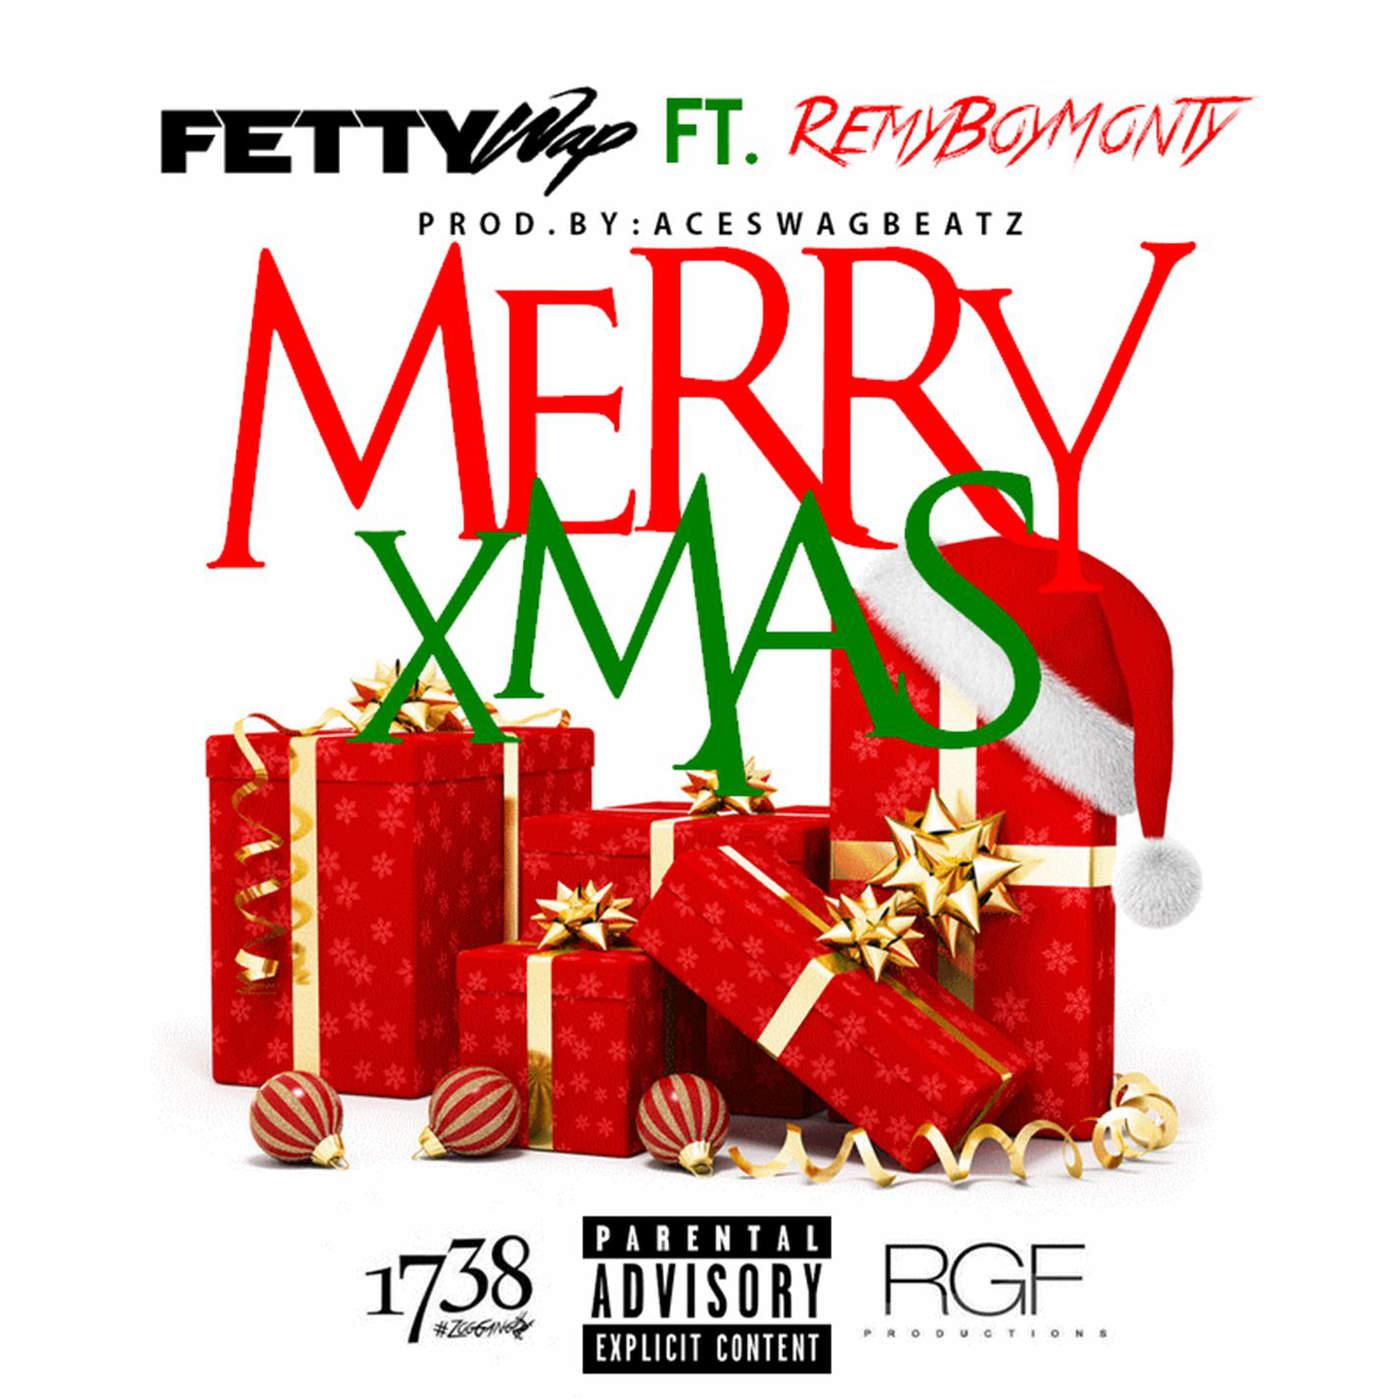 Fetty Wap - Merry Xmas (feat. Monty) - Single